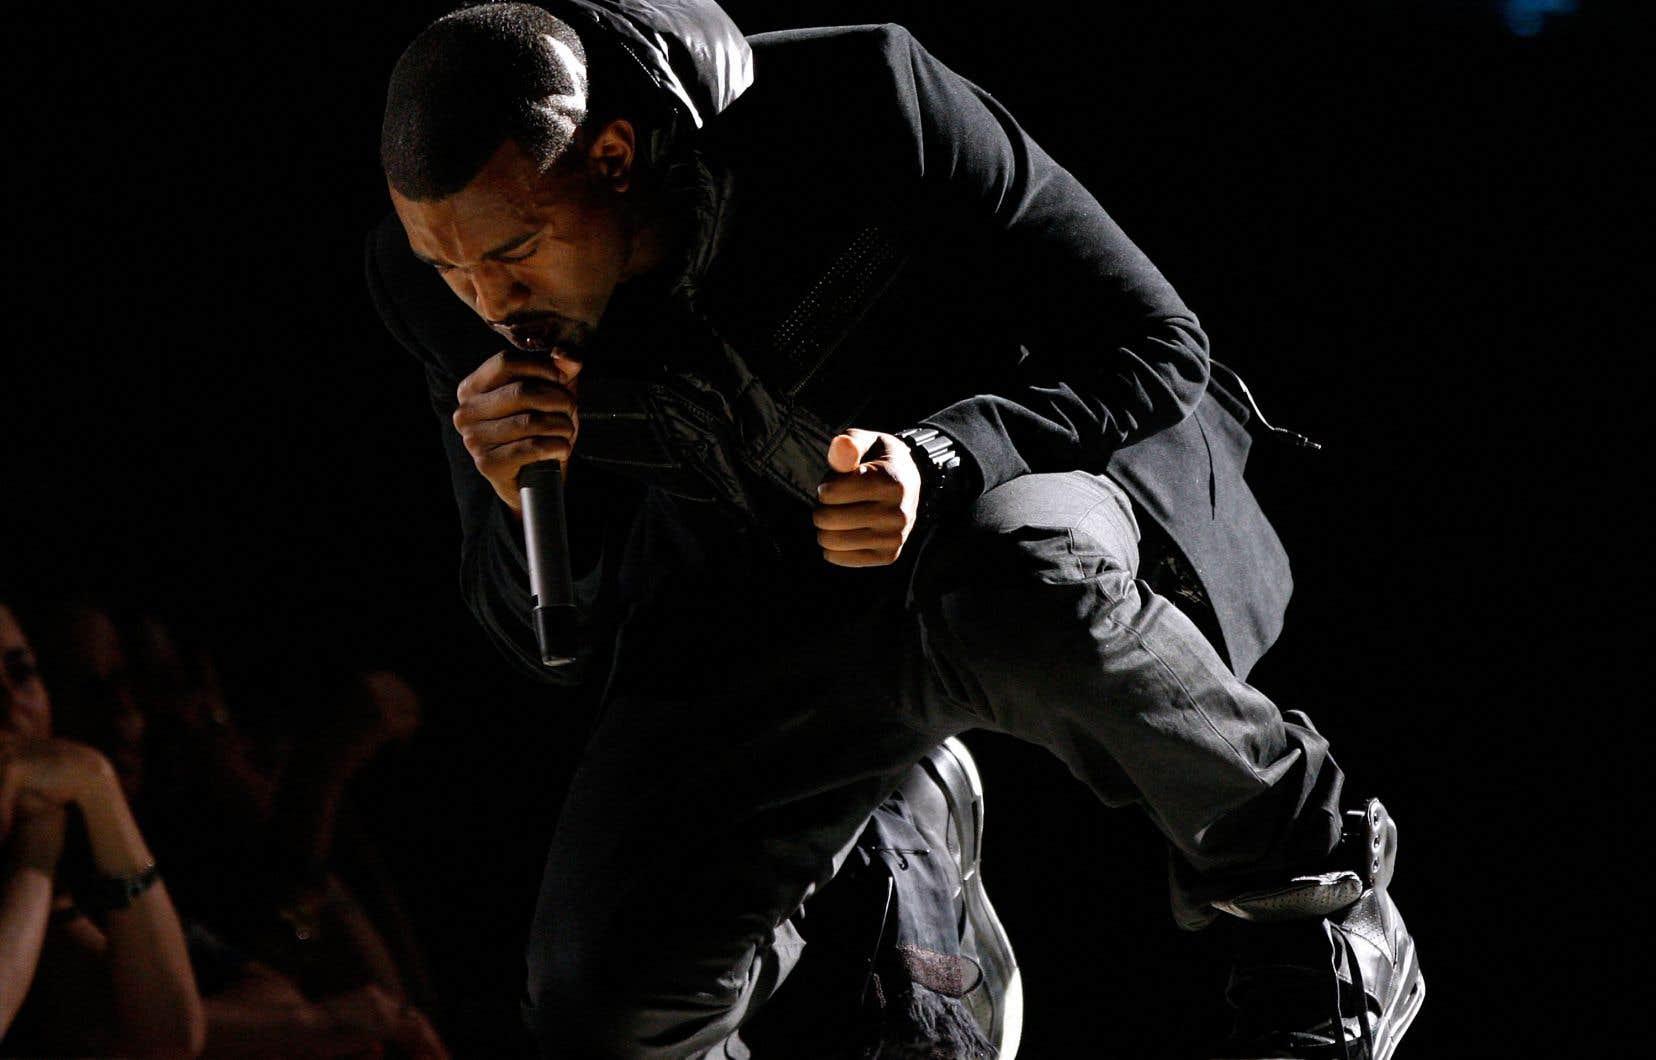 Ces «sneakers» montantes noires, modèle unique, représentent la toute première paire de Yeezy présentée publiquement aux pieds de Kanye West, lors de la cérémonie des Grammy Awards de 2008.